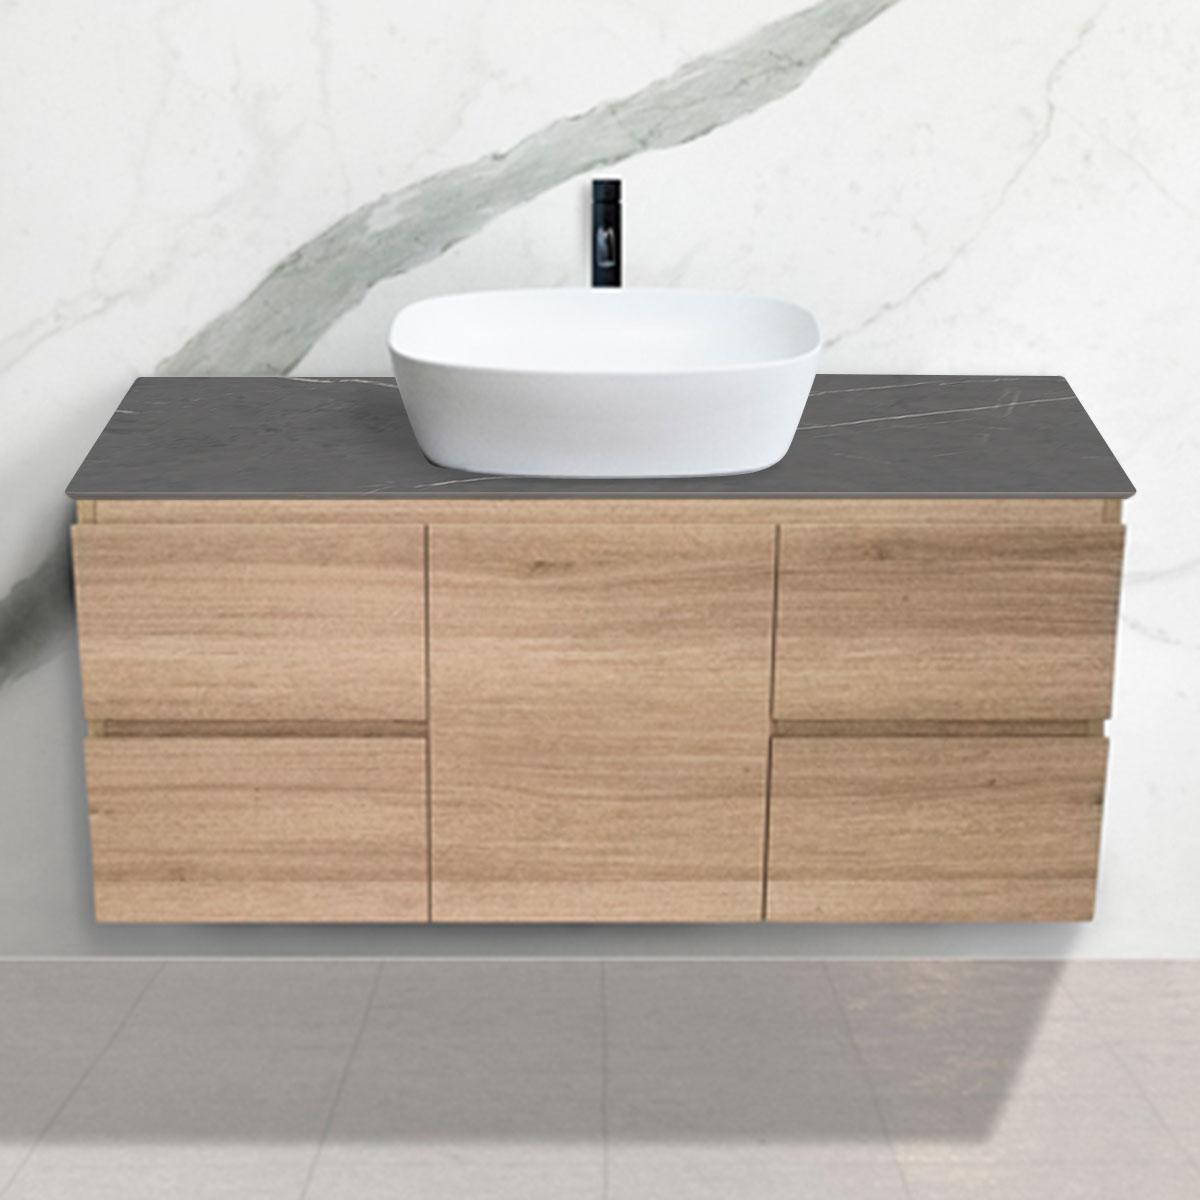 Oak Woodgrain Cabinet - Vanity- 1 Door + 4 Drawers - Pietra Grey - Stone3 Brisbane